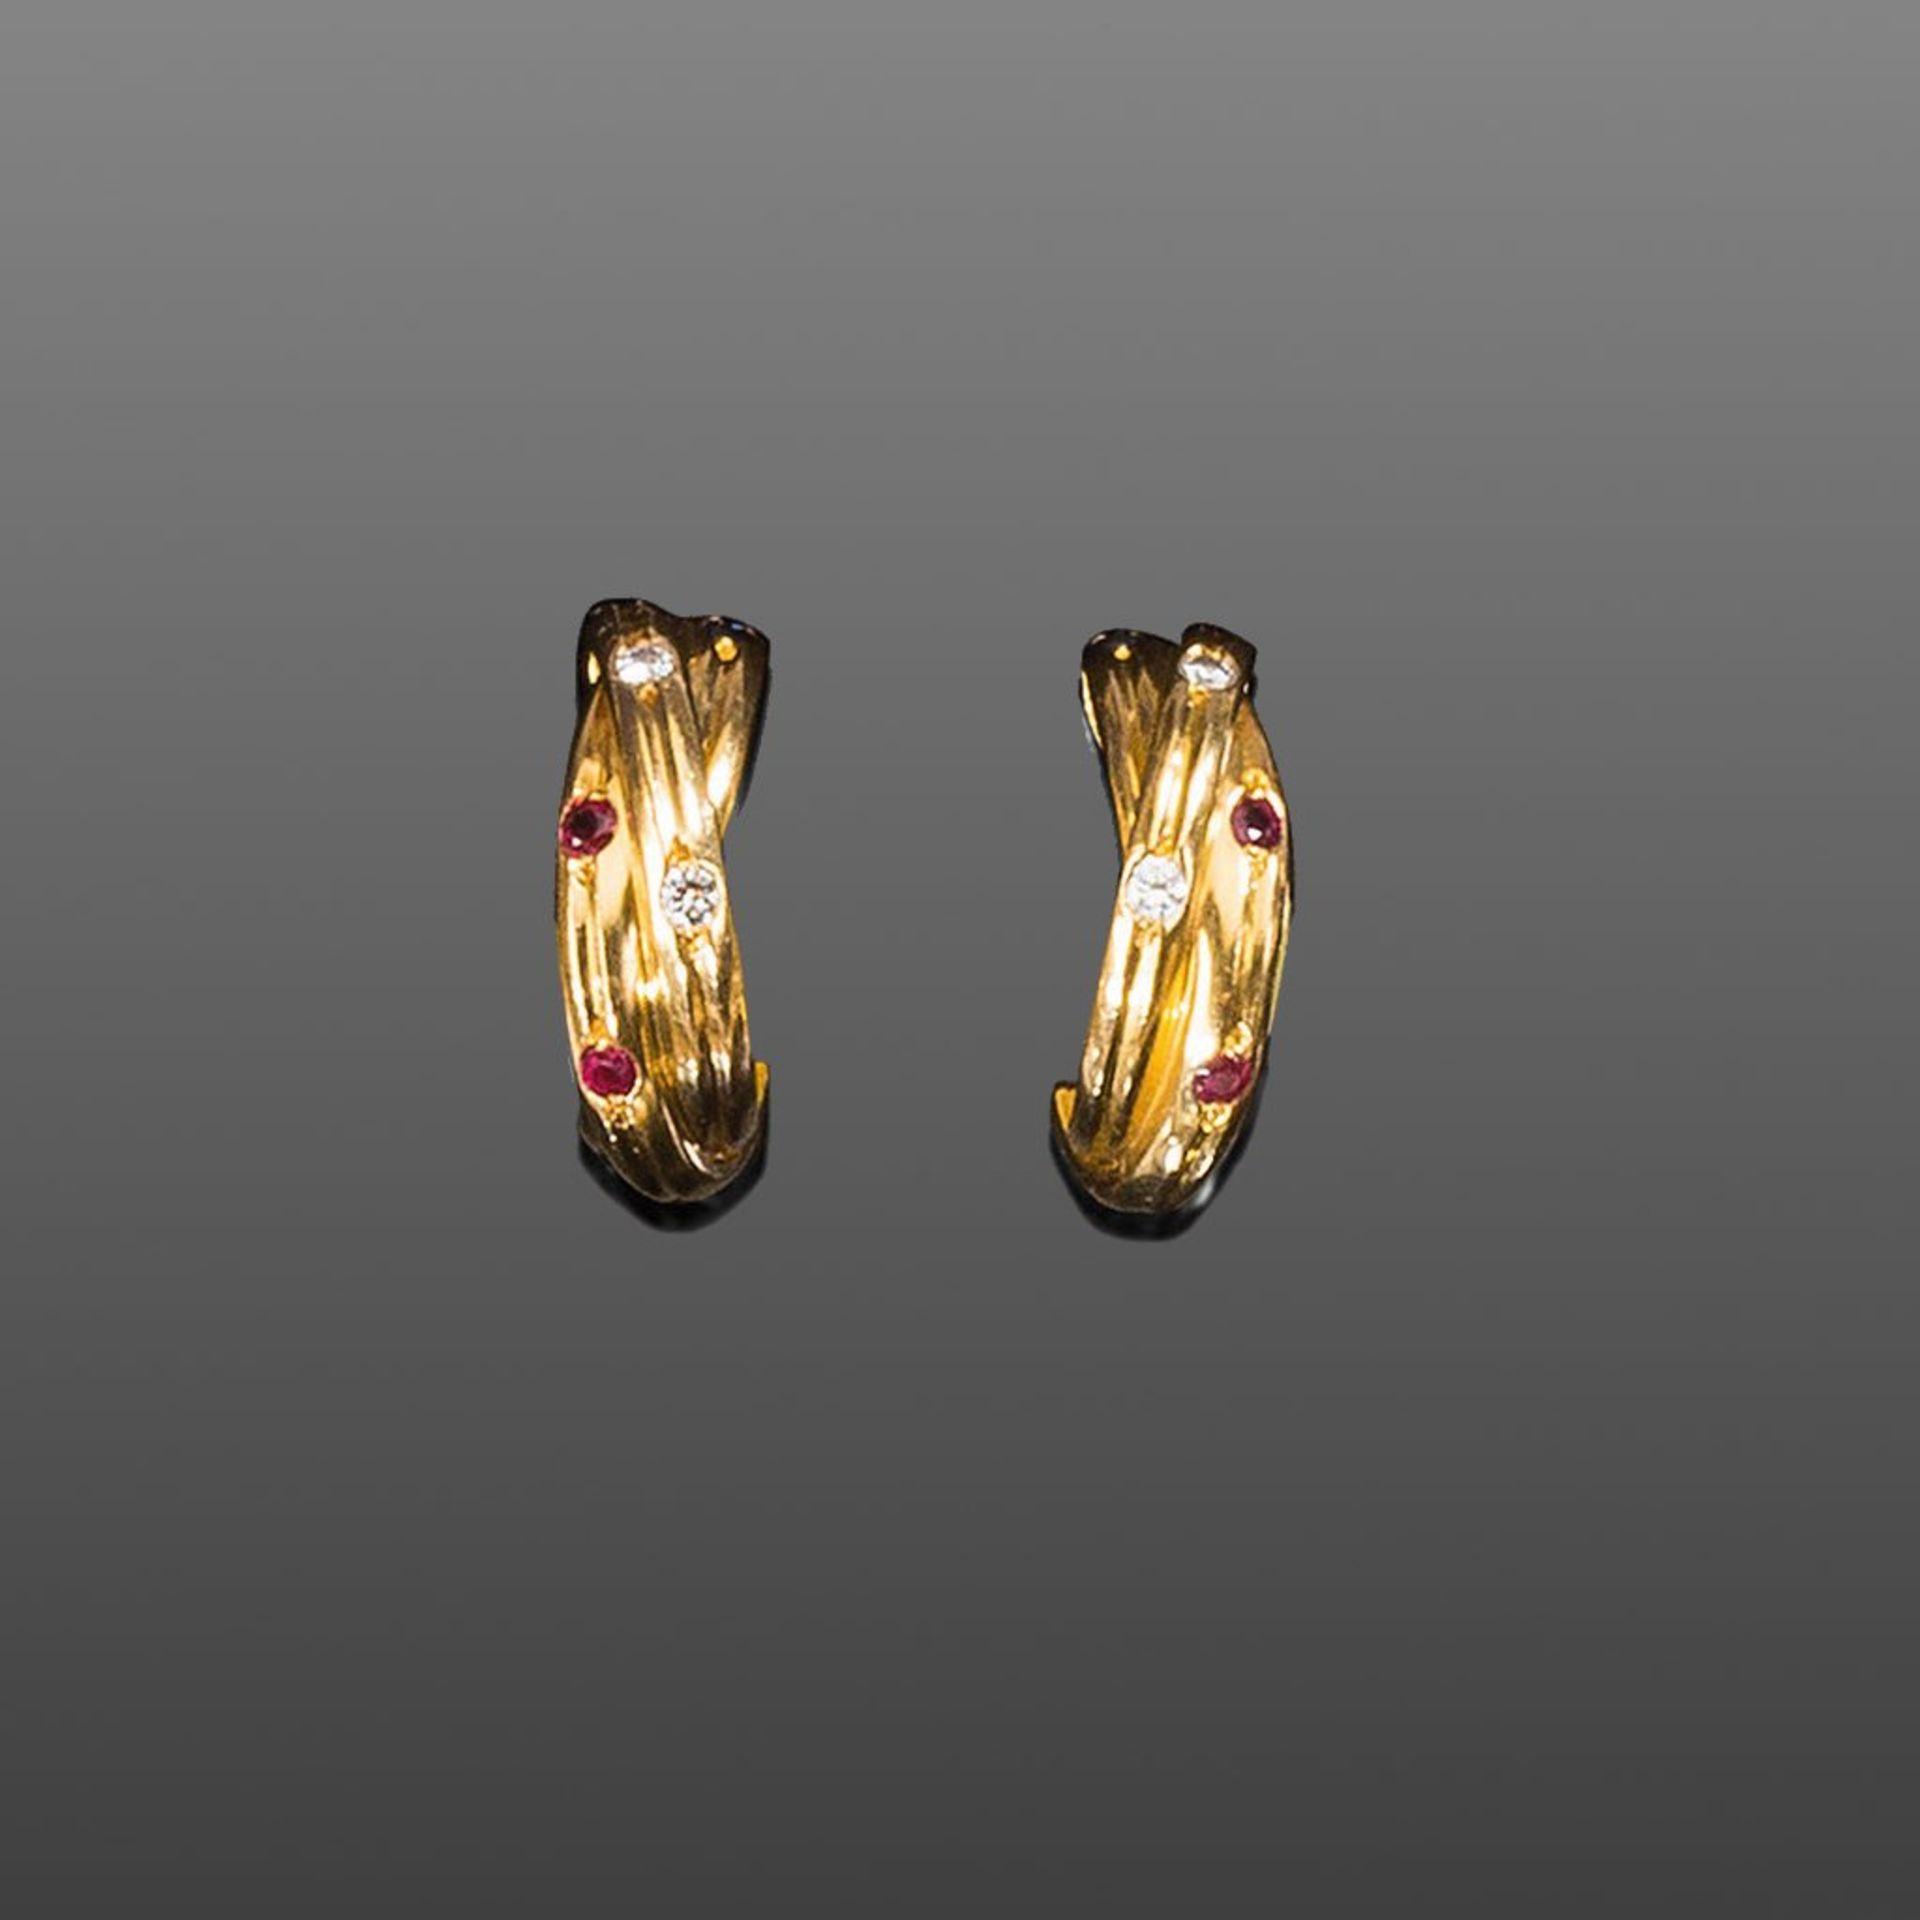 Paar Cartier-Ohrringe. Halbkreolen mit ca. 0,20 ct. Brillanten. Rubine und Saphire. 18 ct. GG, 12 g.